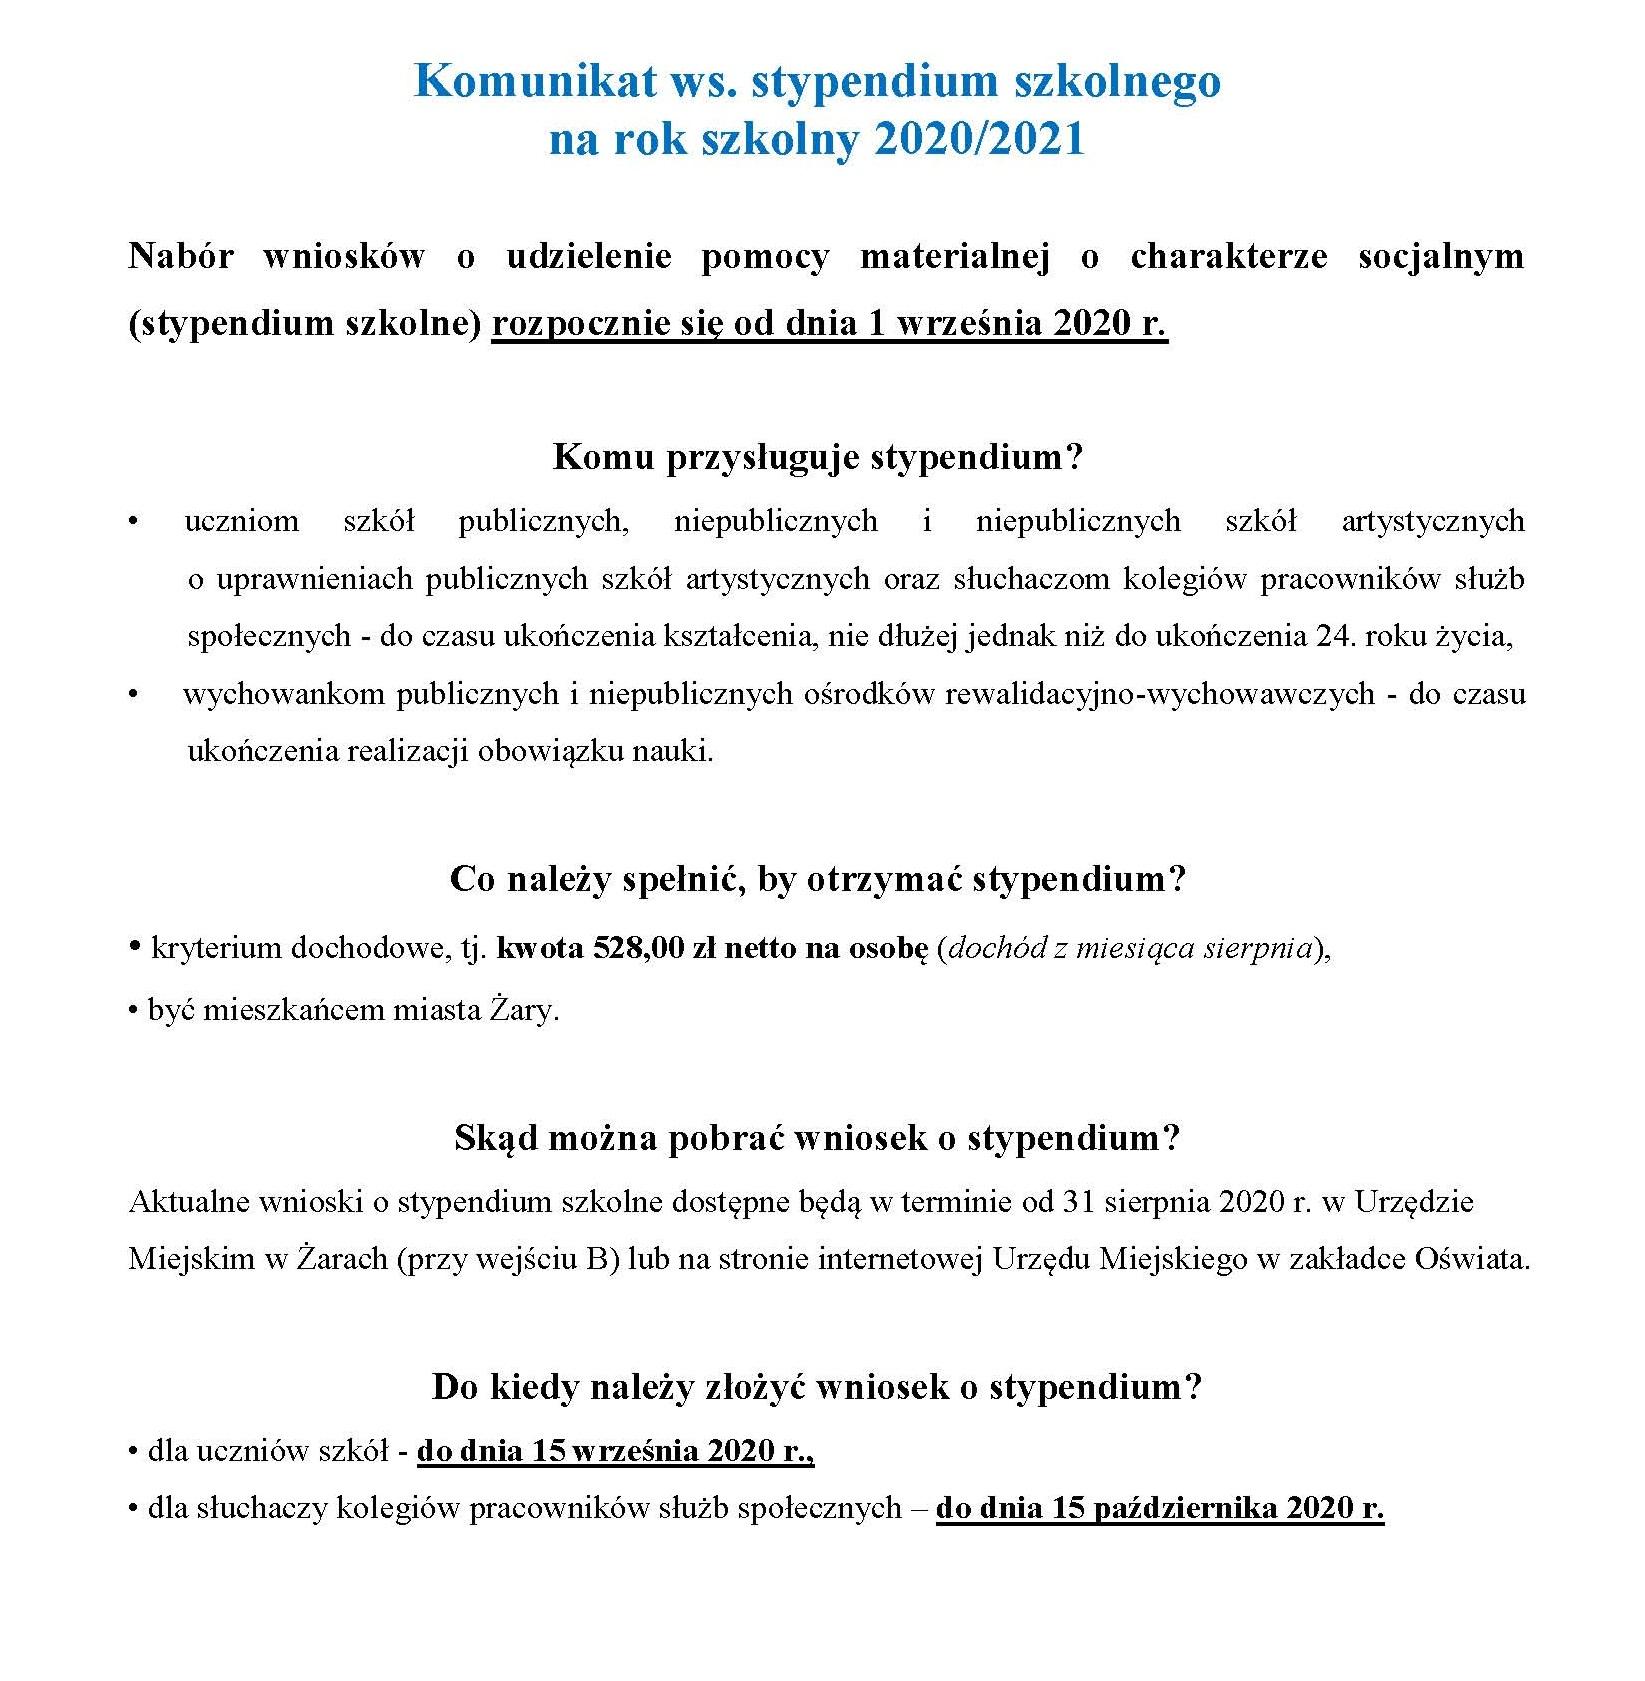 Ilustracja do informacji: Komunikat ws. stypendium szkolnego na rok szkolny 2020/2021